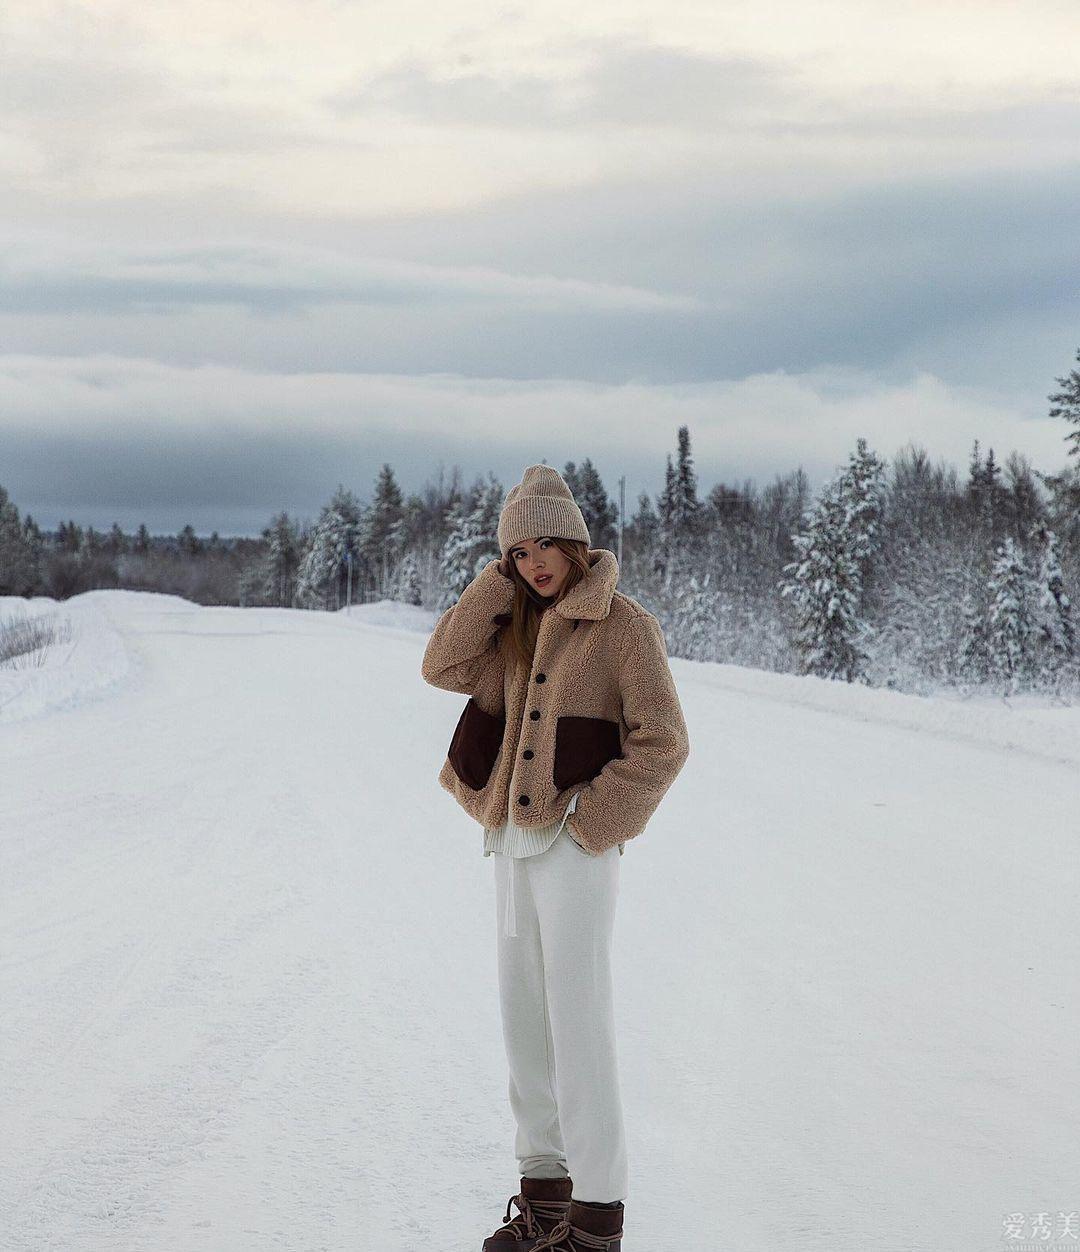 潮流精的冬季服裝裡怎樣少得瞭帽子?四款帽子正當行為紅,潮流趨勢防凍保暖又廋臉